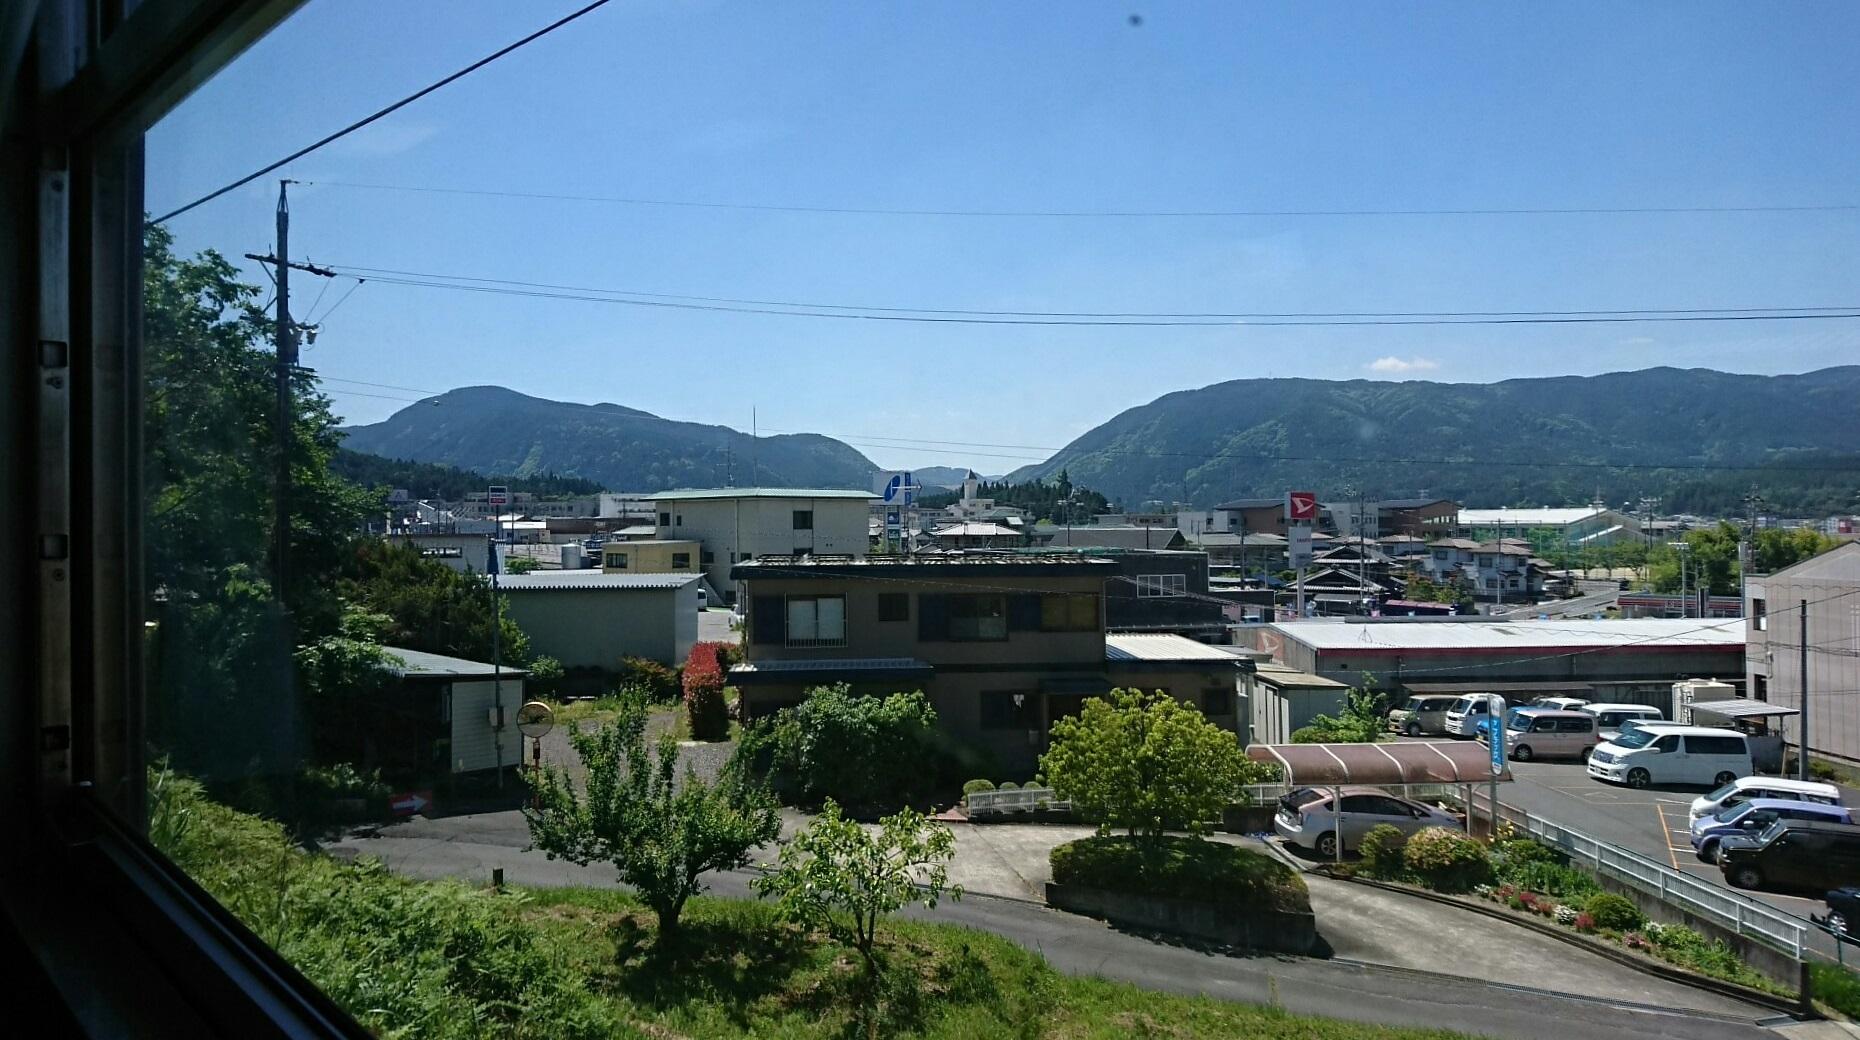 2017.5.19 大井 (26) 明智いきふつう - 恵那-東野間 1860-1040